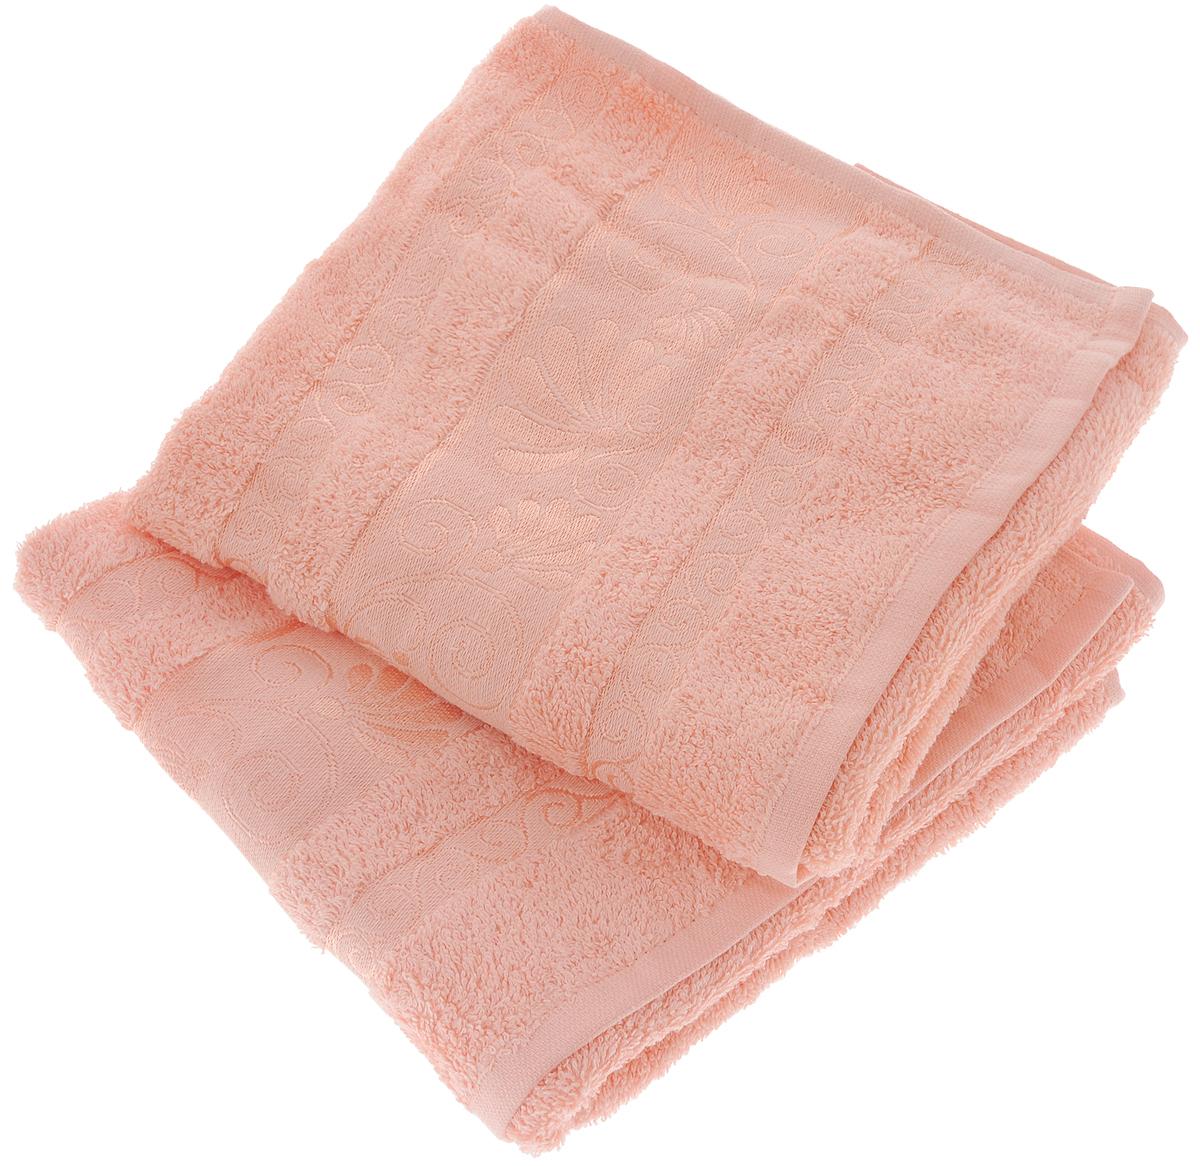 Набор полотенец Tete-a-Tete Цветы, цвет: светло-розовый, 50 х 90 см, 2 штNLED-410-1W-YНабор Tete-a-Tete Цветы состоит из двух махровых полотенец, выполненных из натурального 100% хлопка. Бордюр полотенец декорирован цветочным узором. Изделия мягкие, отлично впитывают влагу, быстро сохнут, сохраняют яркость цвета и не теряют форму даже после многократных стирок. Полотенца Tete-a-Tete Цветы очень практичны и неприхотливы в уходе. Они легко впишутся в любой интерьер благодаря своей нежной цветовой гамме. Набор упакован в красивую коробку и может послужить отличной идеей подарка.Размер полотенец: 50 х 90 см.